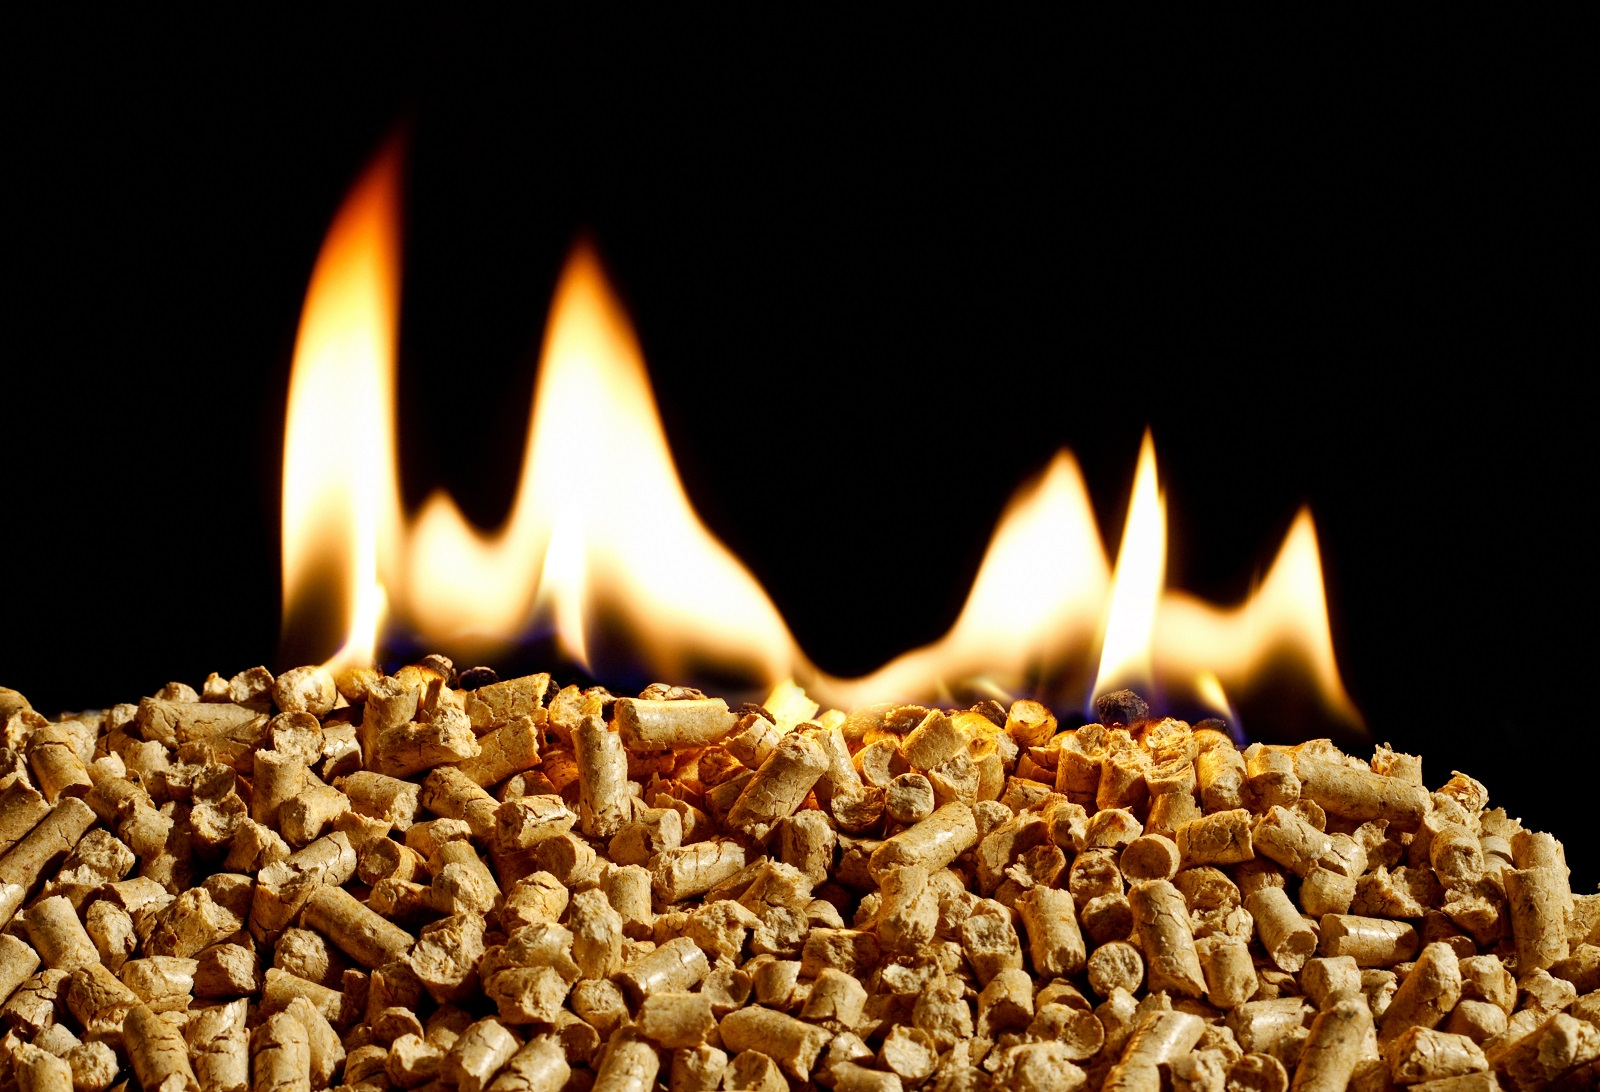 Solpellets pellets